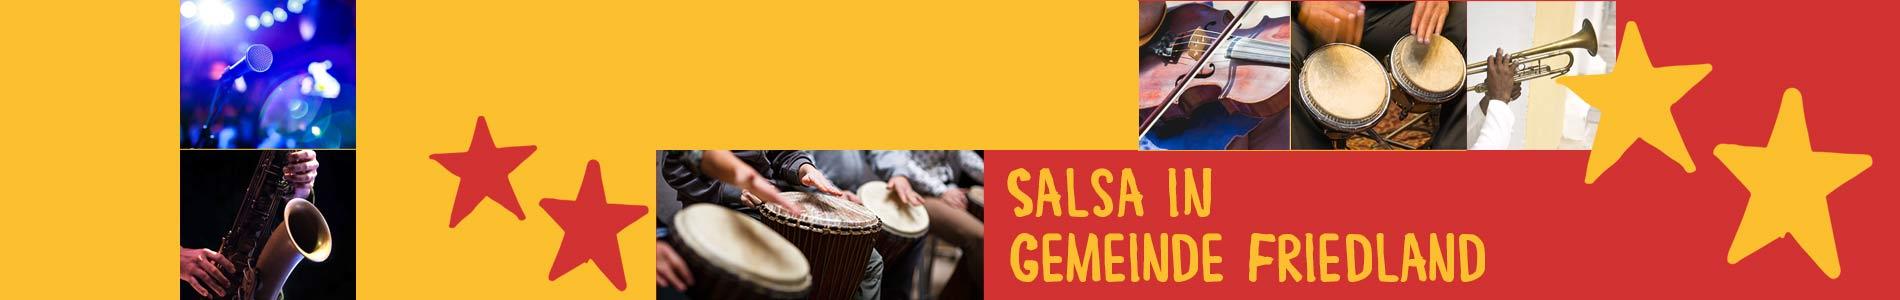 Salsa in Gemeinde Friedland – Salsa lernen und tanzen, Tanzkurse, Partys, Veranstaltungen